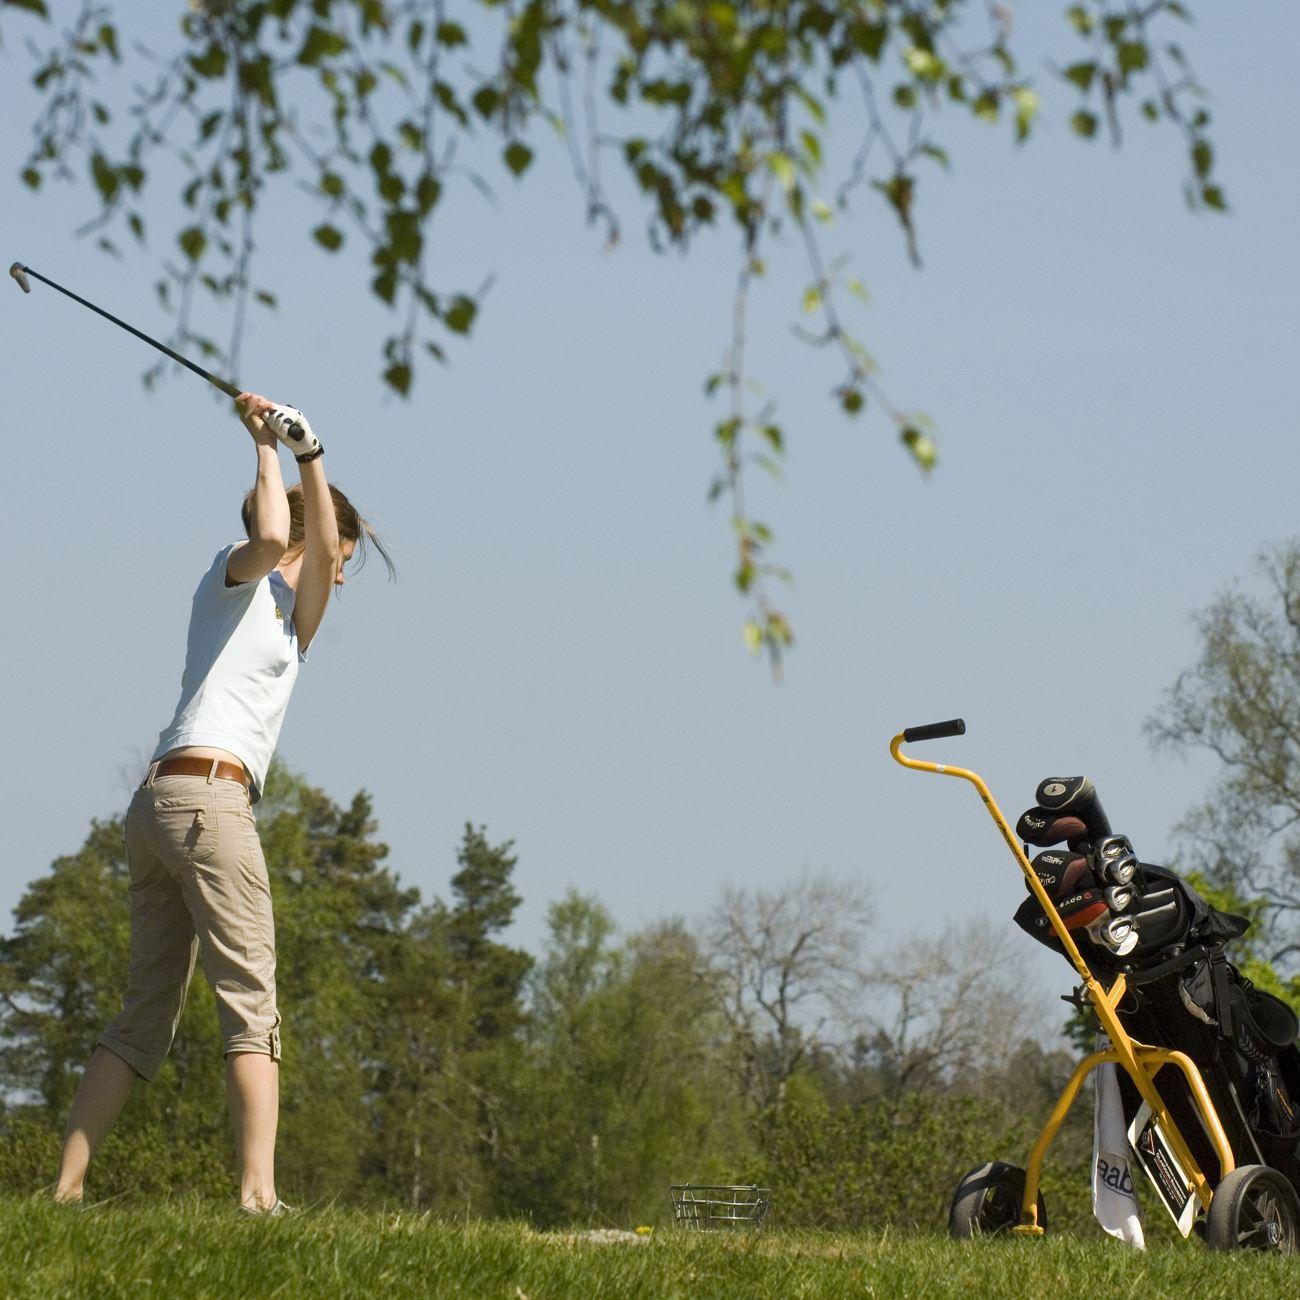 Smålandsbilder.se,  © Värnamo Näringsliv AB , Golfclub Lanna